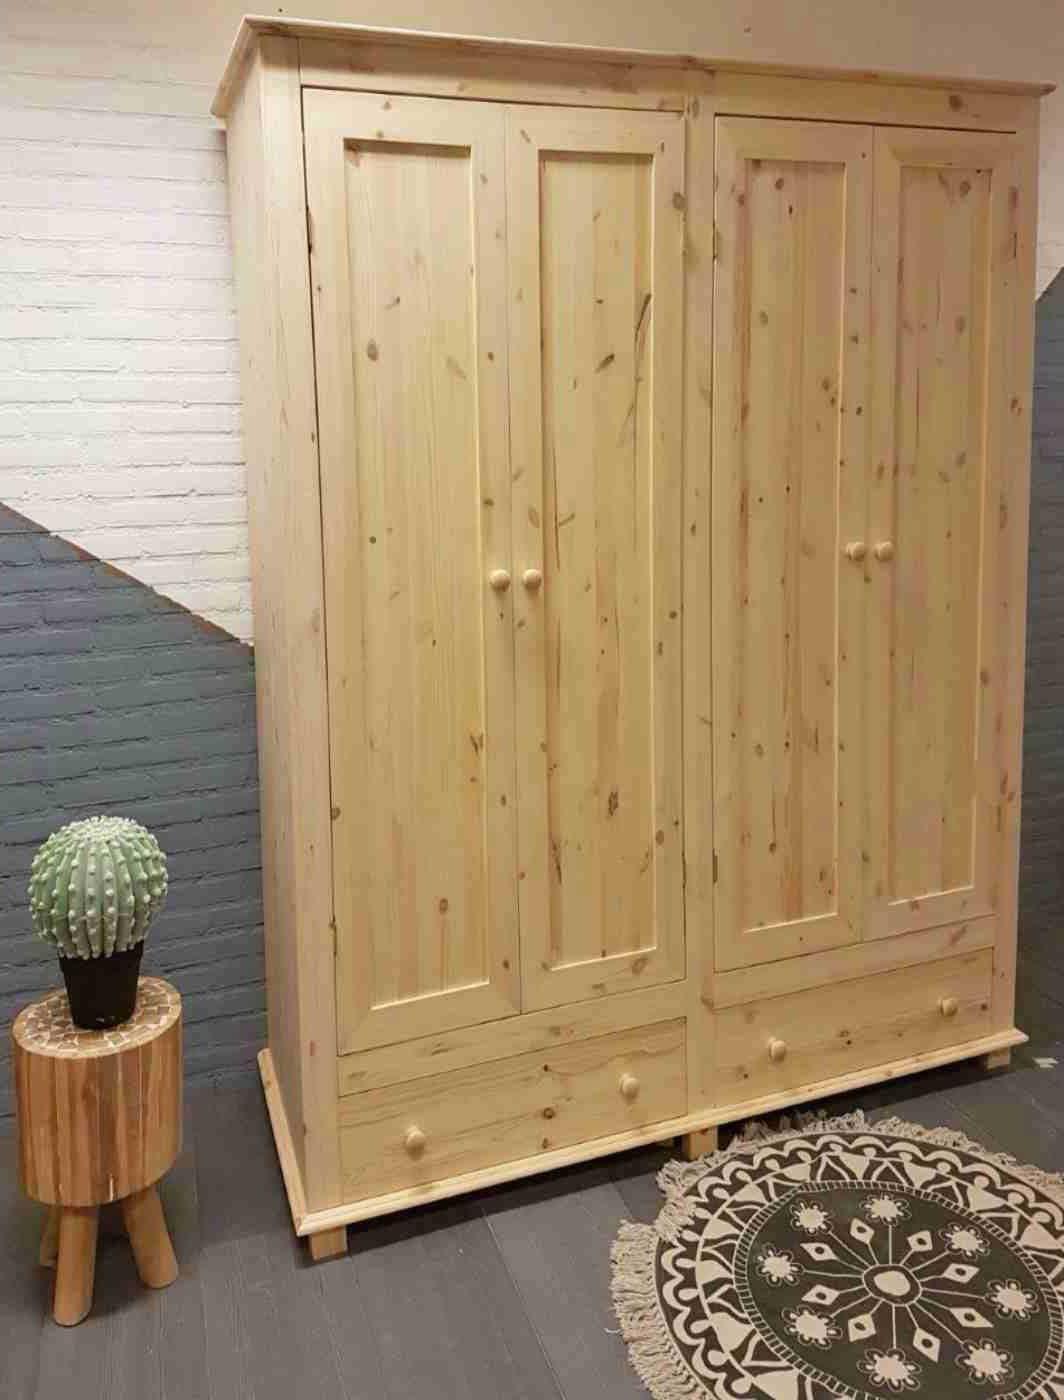 4 deurs niels + la